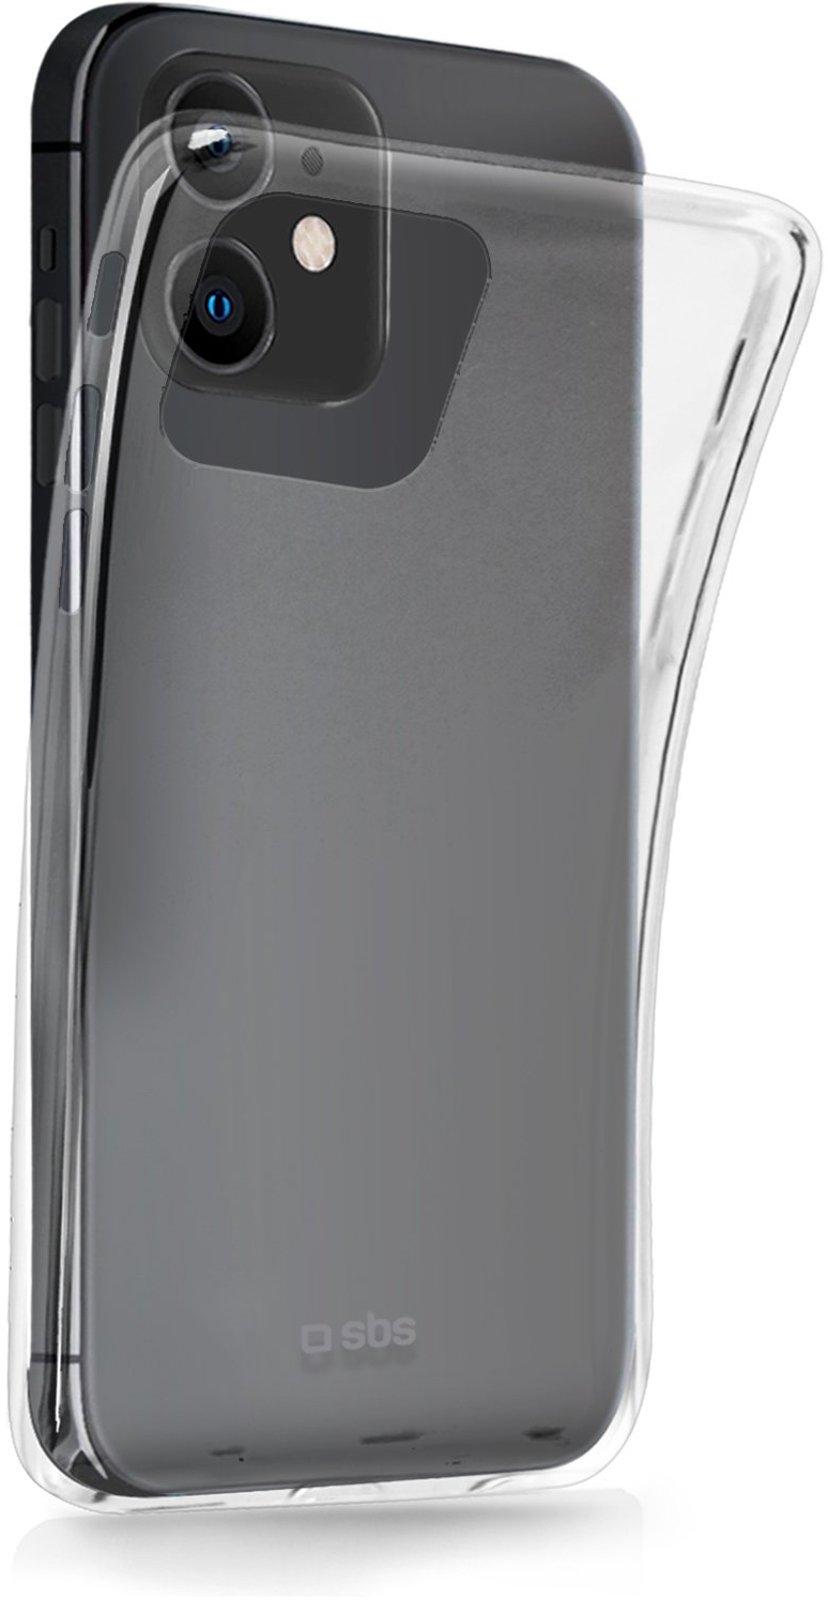 sbs Skinny Cover iPhone 12, iPhone 12 Pro Gjennomsiktig